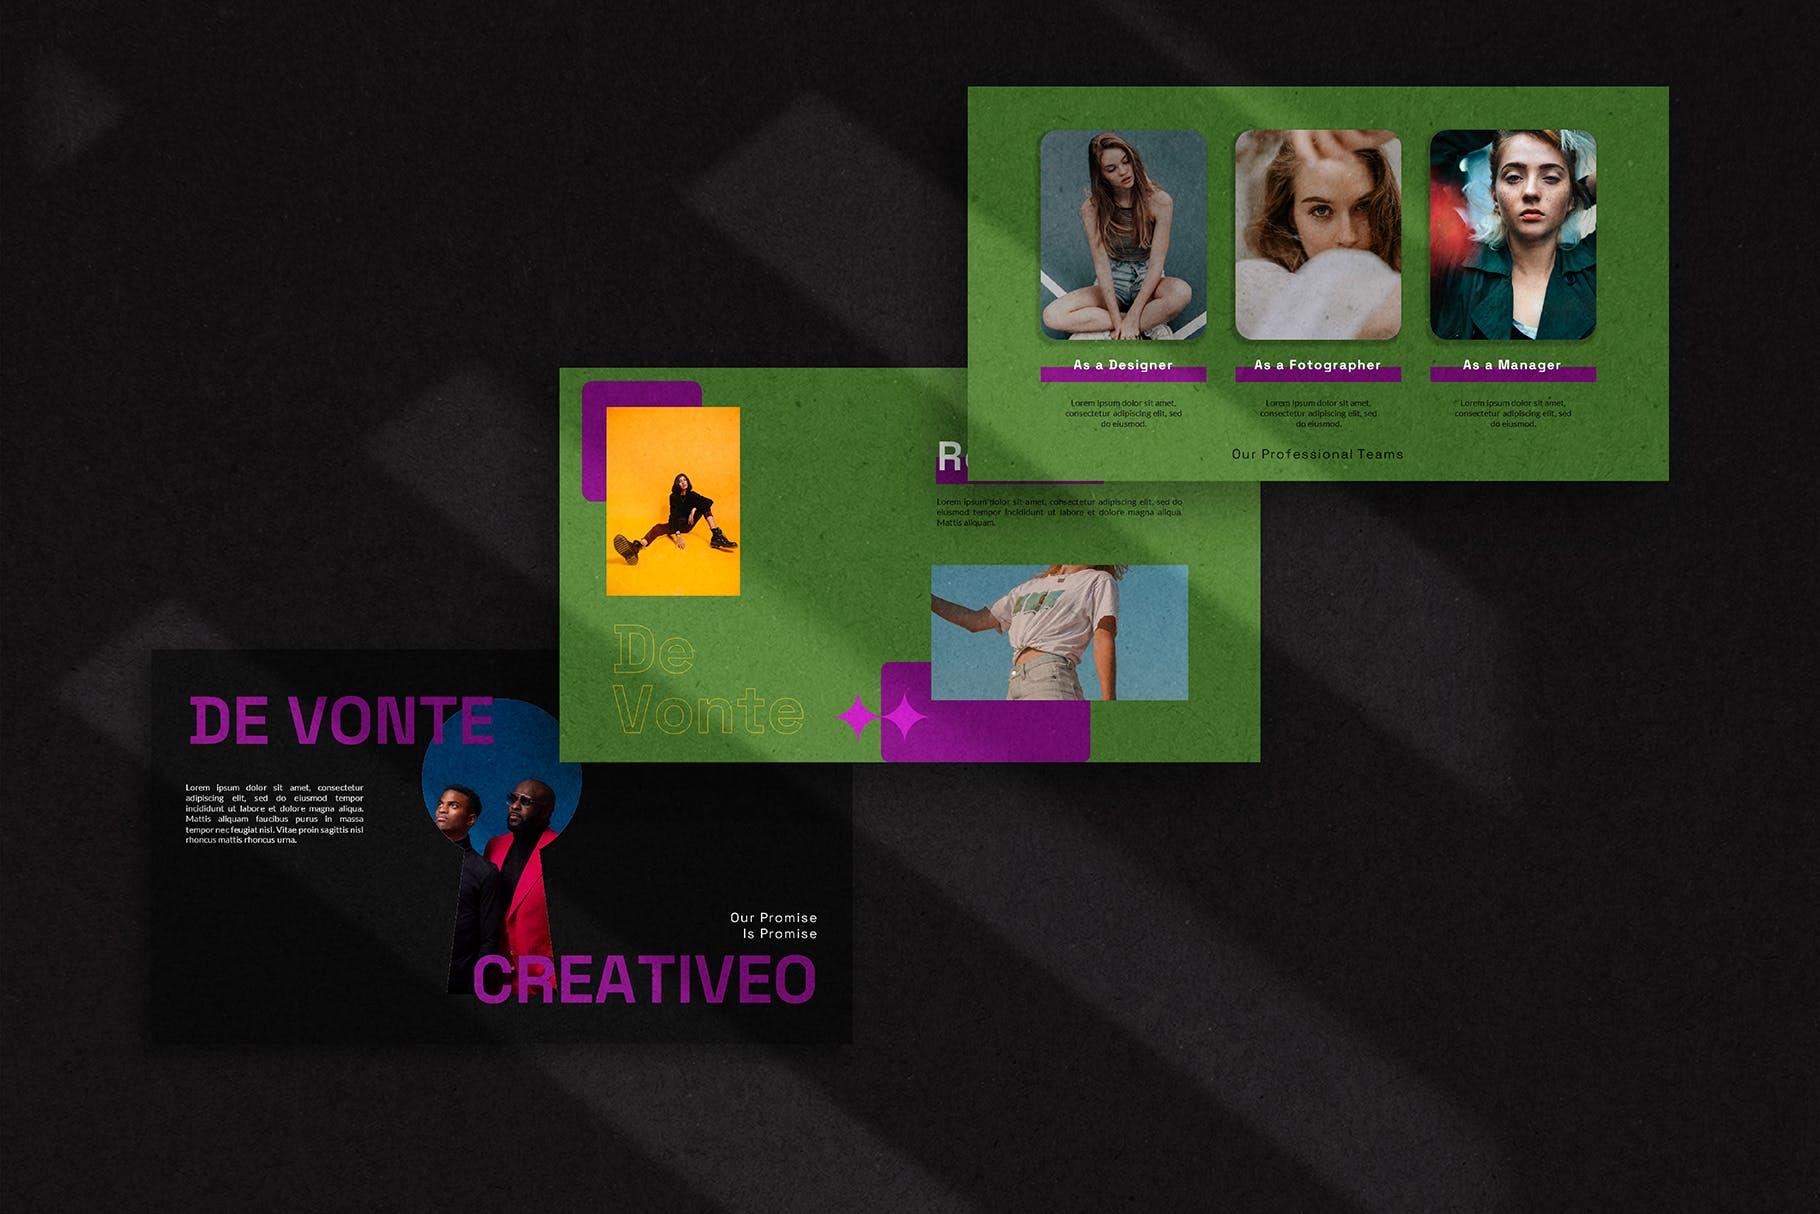 潮流炫酷摄影作品集图文排版设计Keynote 模版 De Vonte Keynote Template插图3